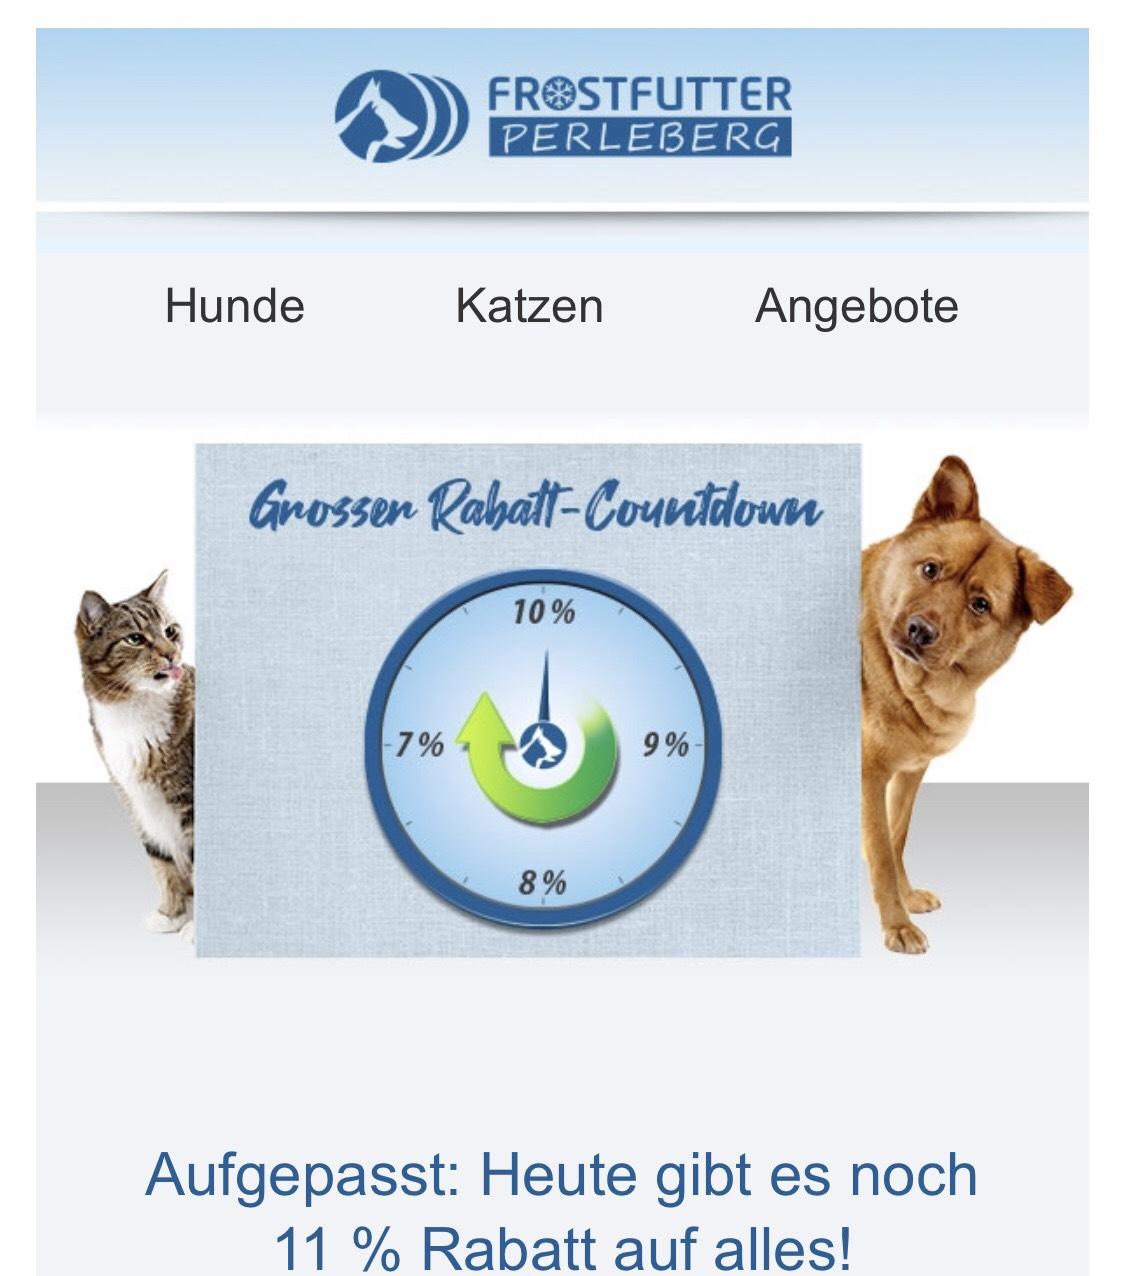 BARF Tierfutter - 10% nur noch heute, jeden Tag 1% weniger Rabatt!